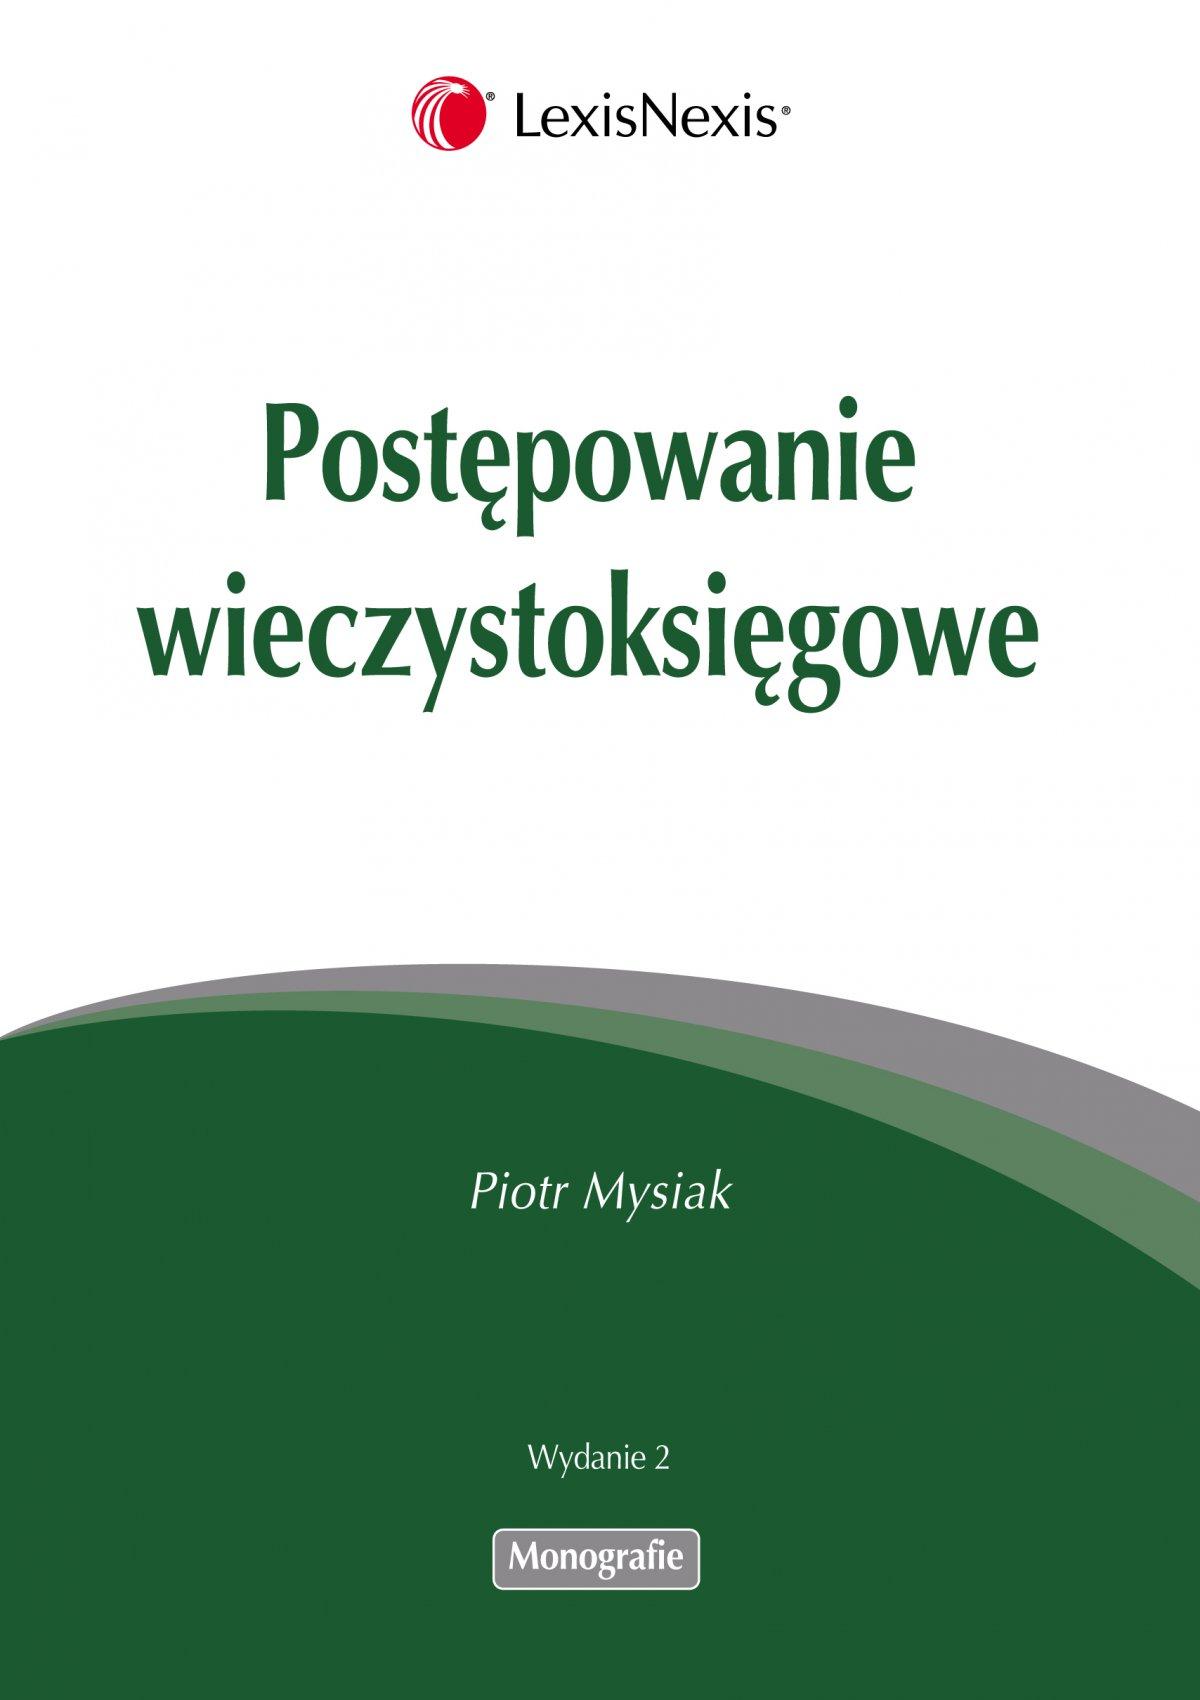 Postępowanie wieczystoksięgowe - Ebook (Książka EPUB) do pobrania w formacie EPUB